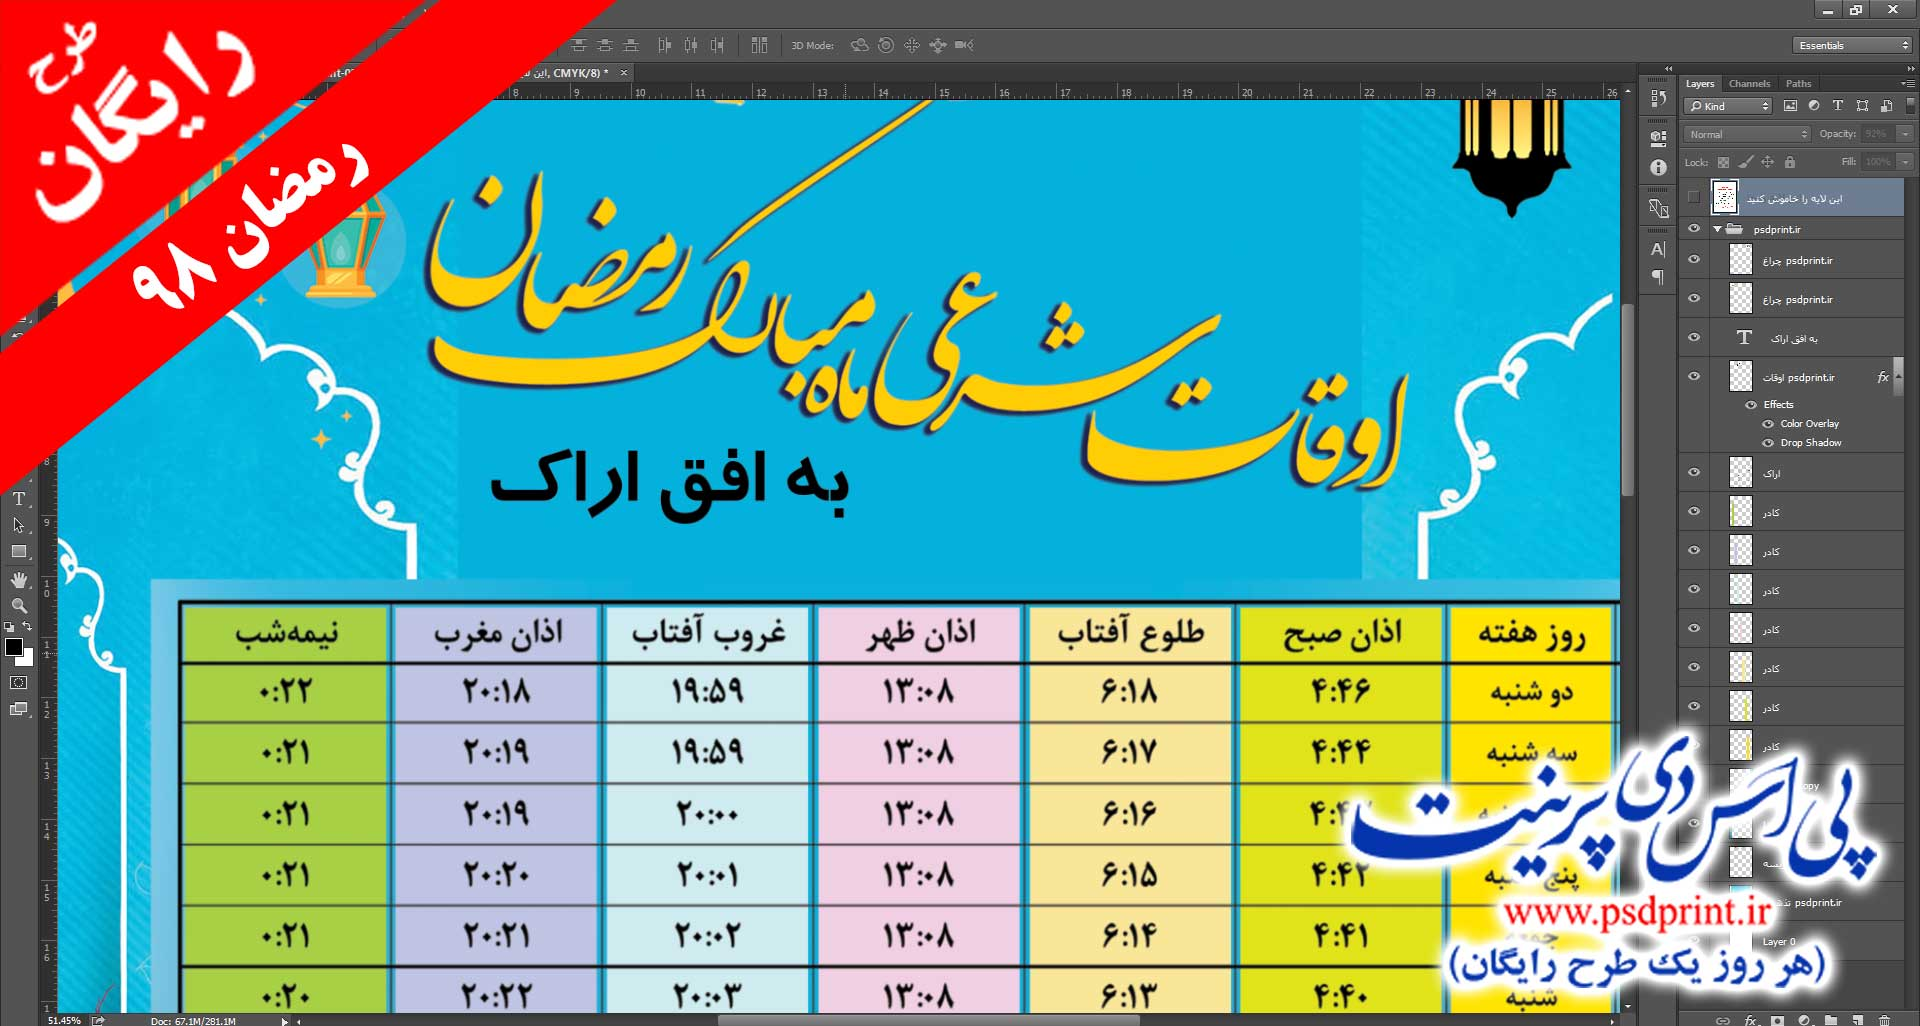 طرح اوقات شرعی ماه مبارک رمضان